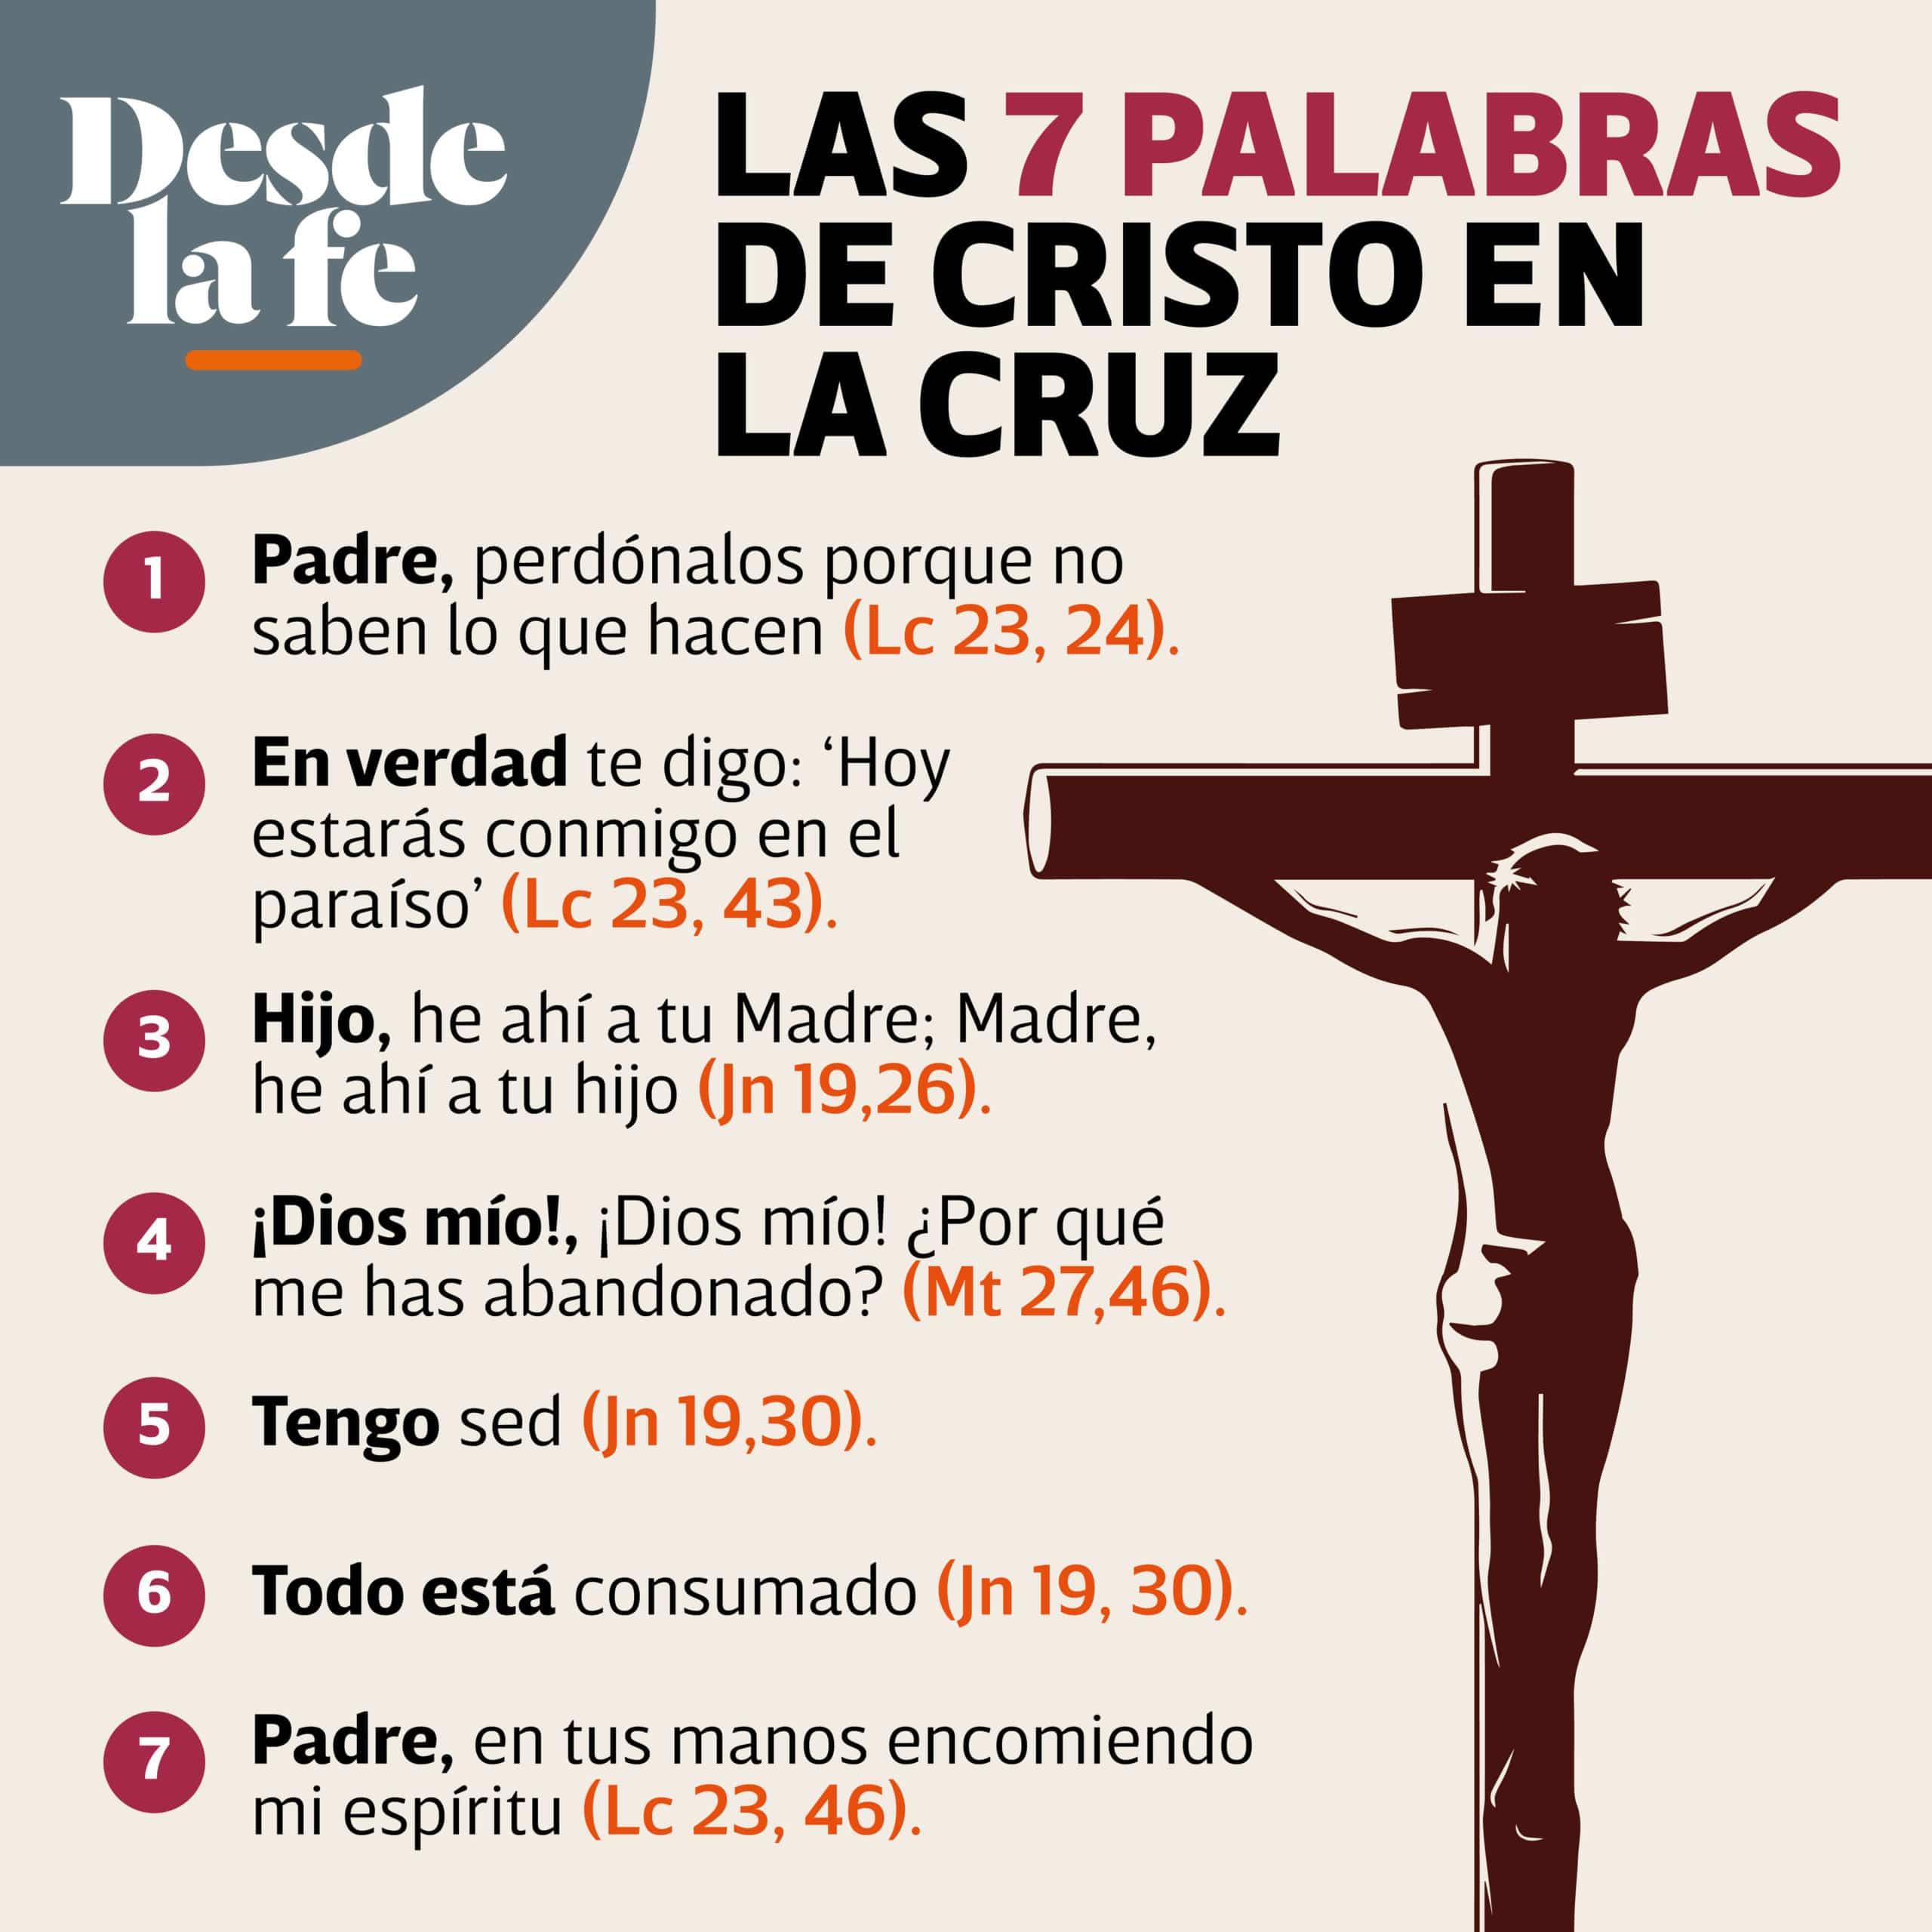 Las palabras de Cristo en la cruz.